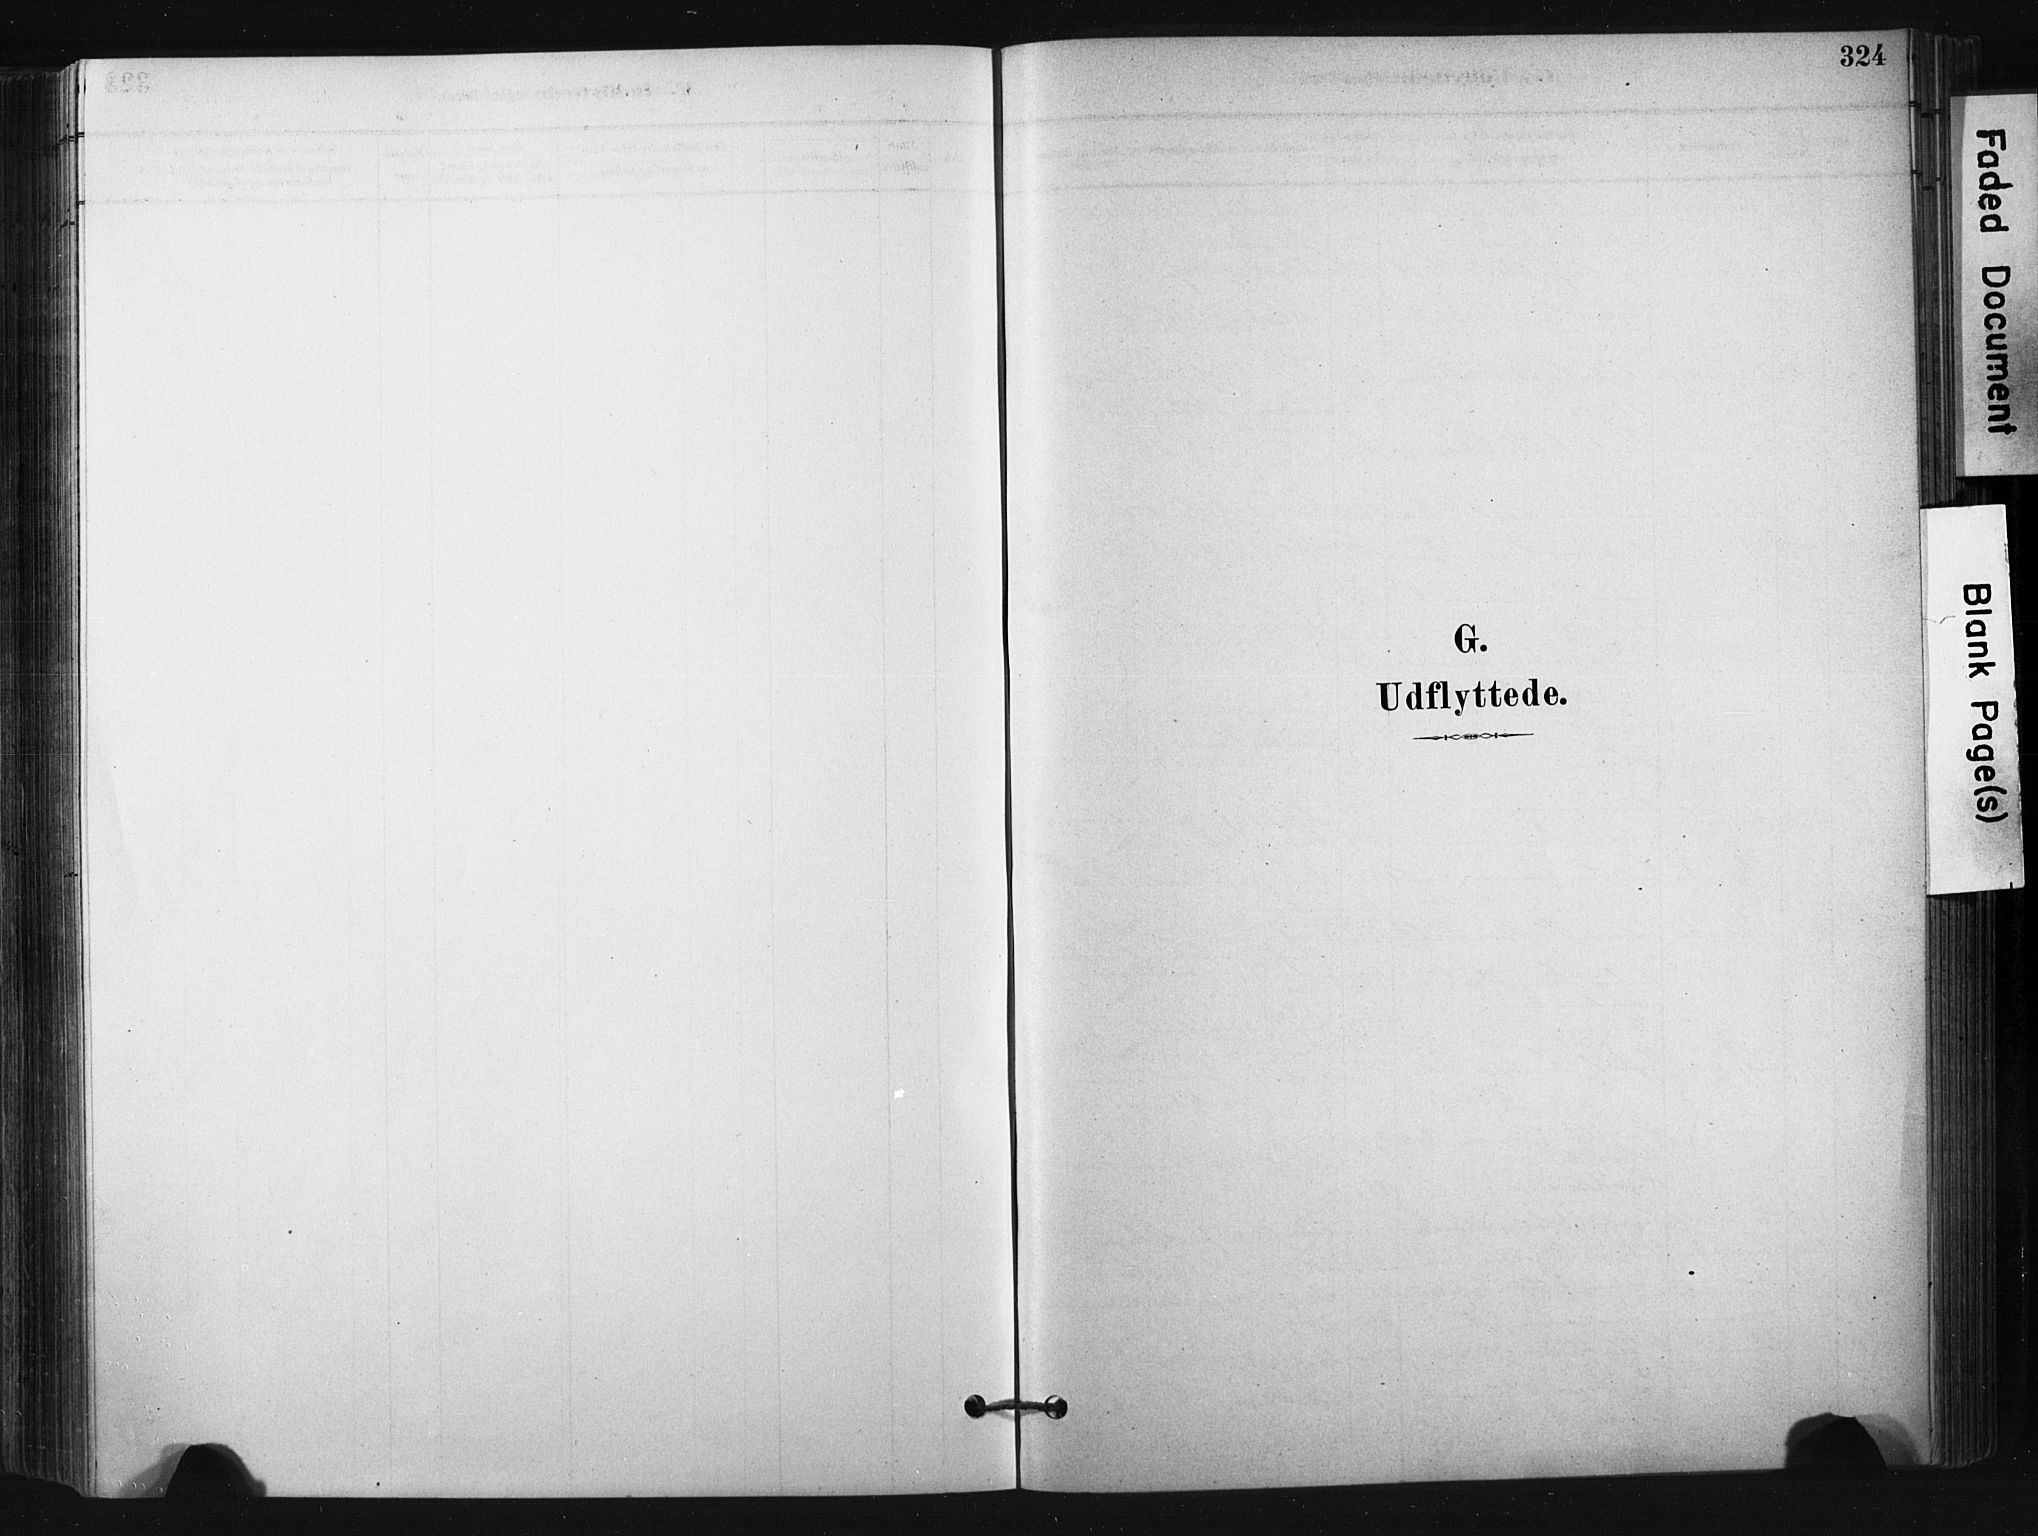 SAKO, Bø kirkebøker, F/Fa/L0010: Ministerialbok nr. 10, 1880-1892, s. 324